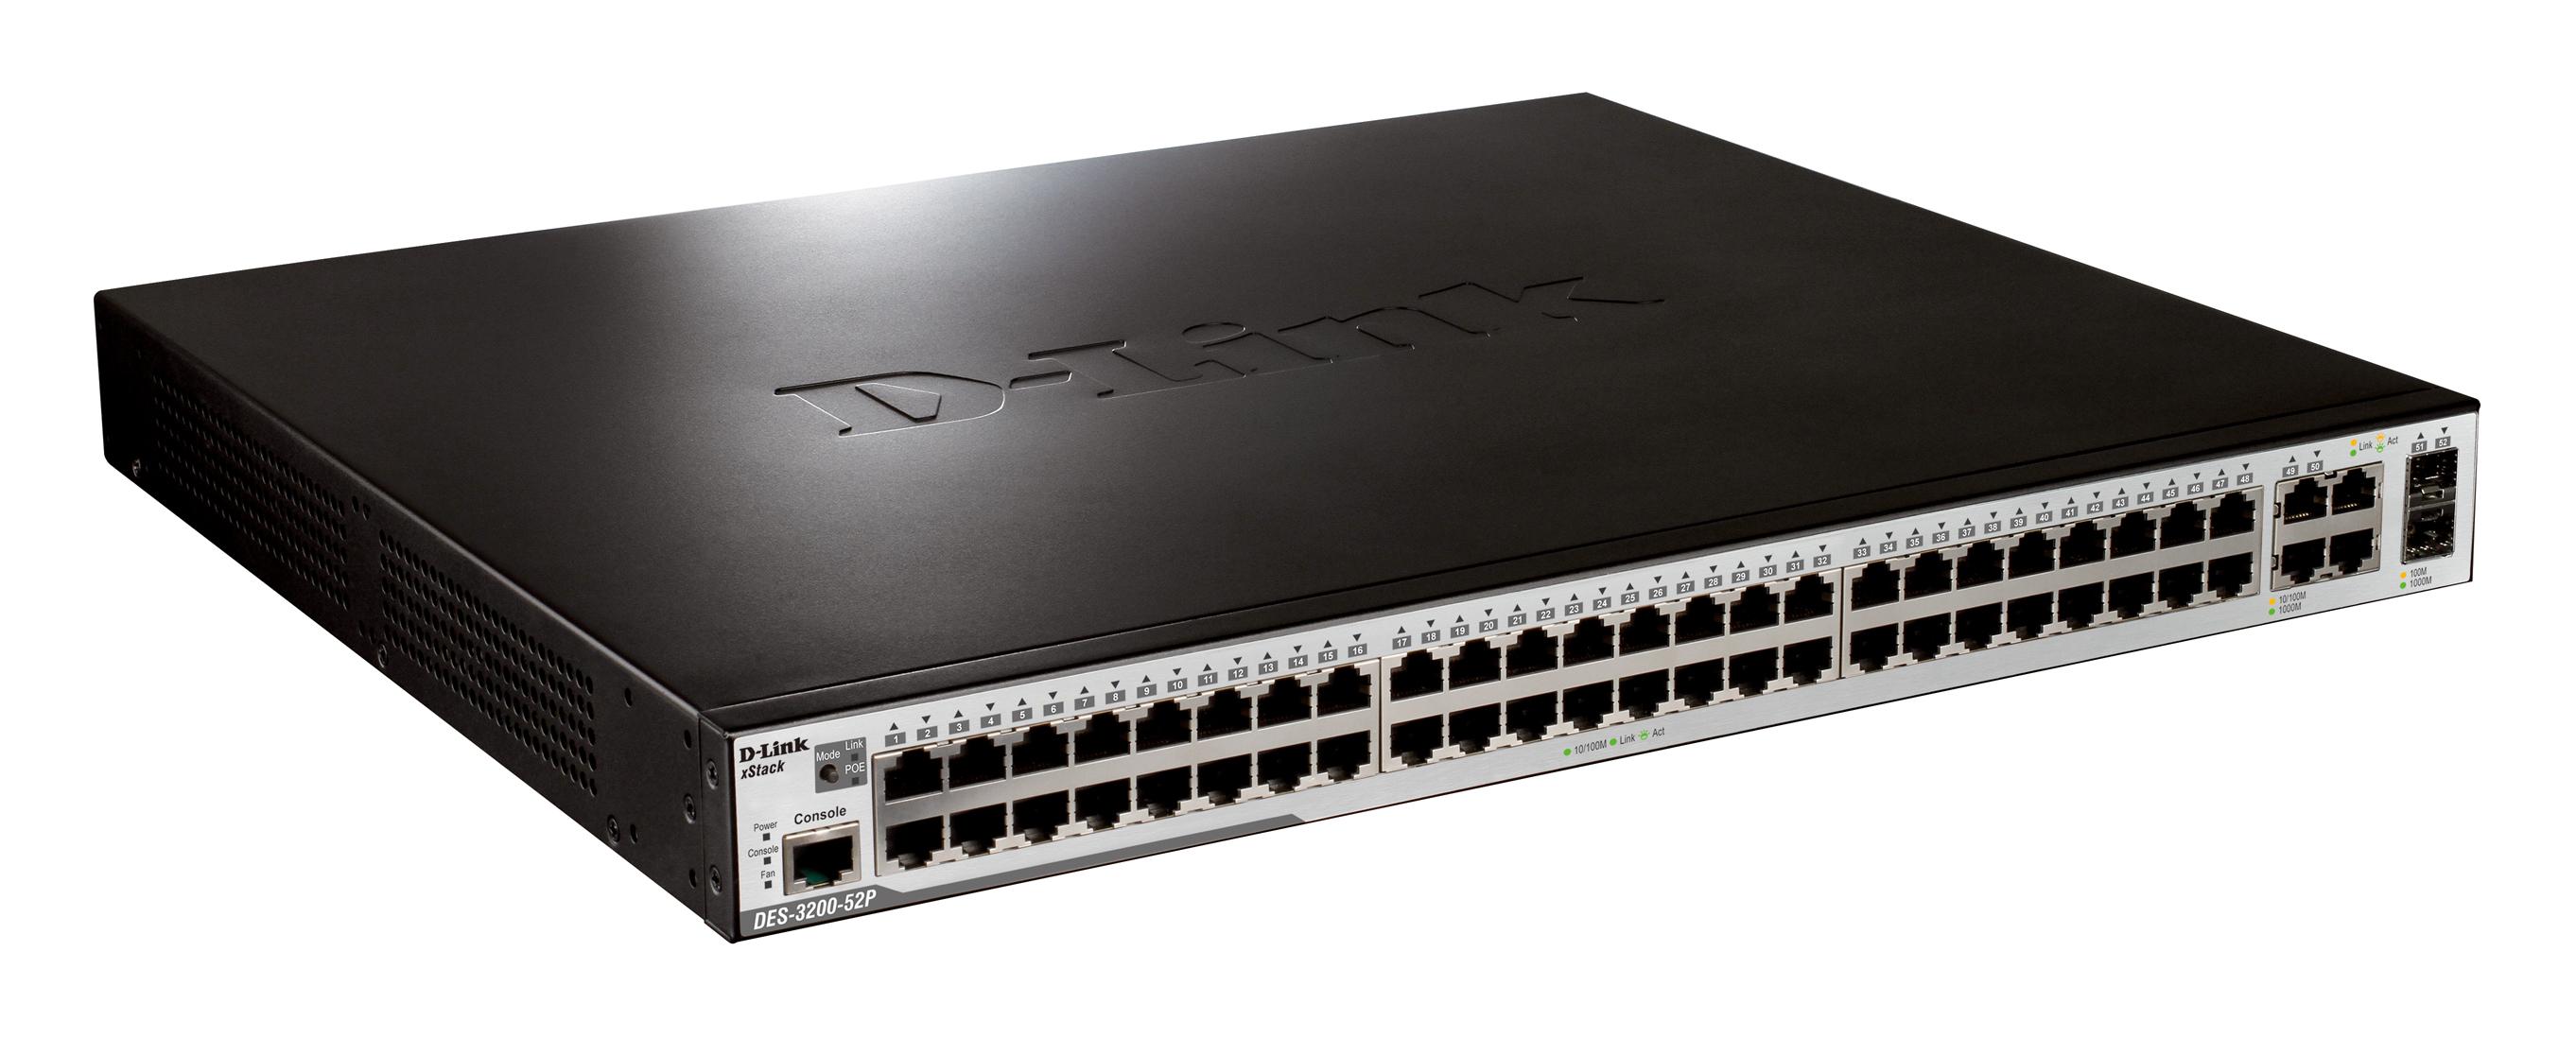 D-Link DES-3200-52P Drivers for Mac